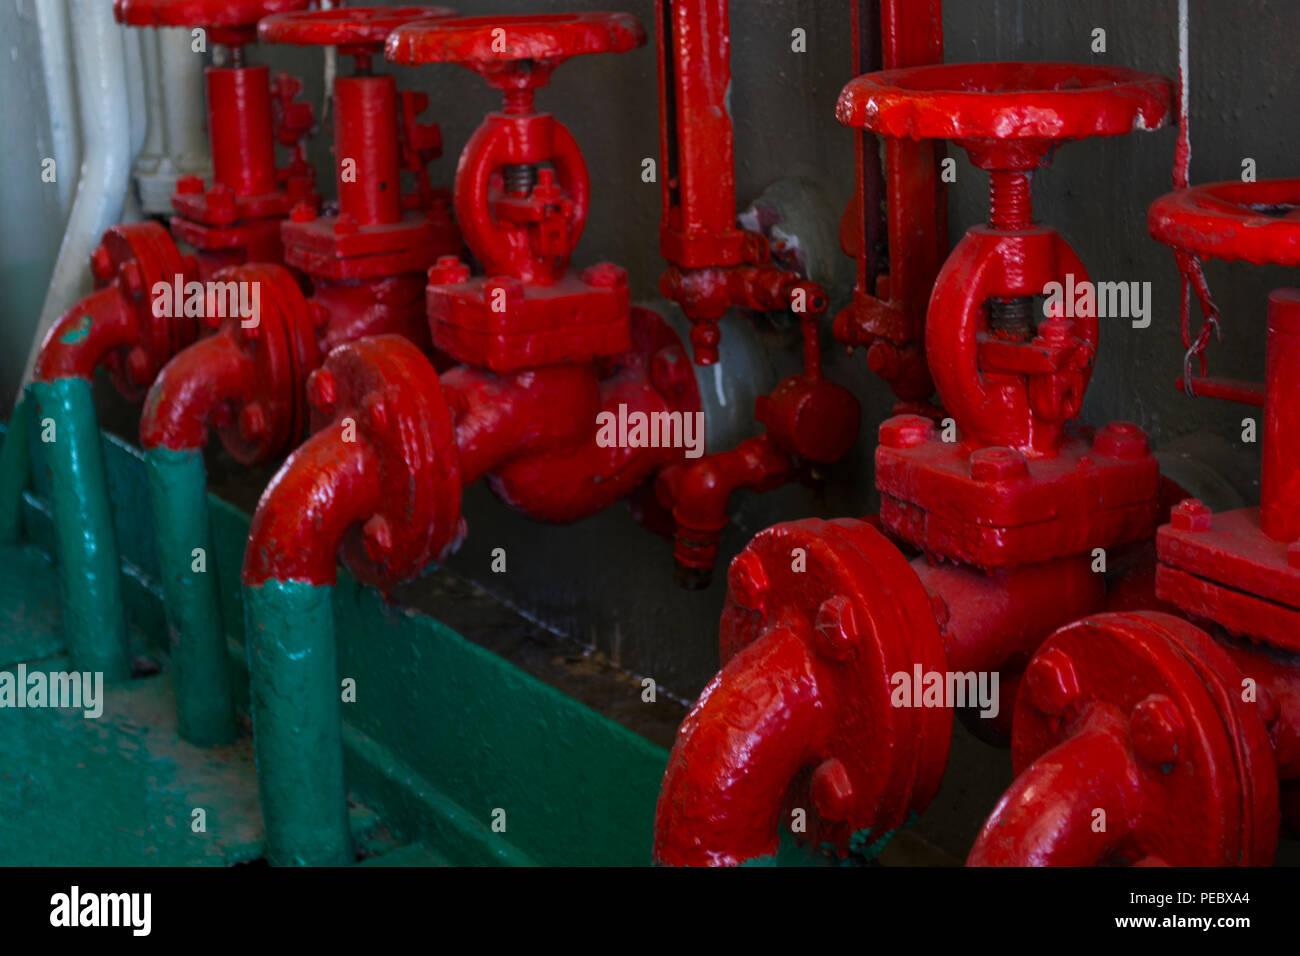 Válvula roja sobre el tubo verde. Válvula con manija de rueda. Engranaje Industrial. Close-up. Imagen De Stock